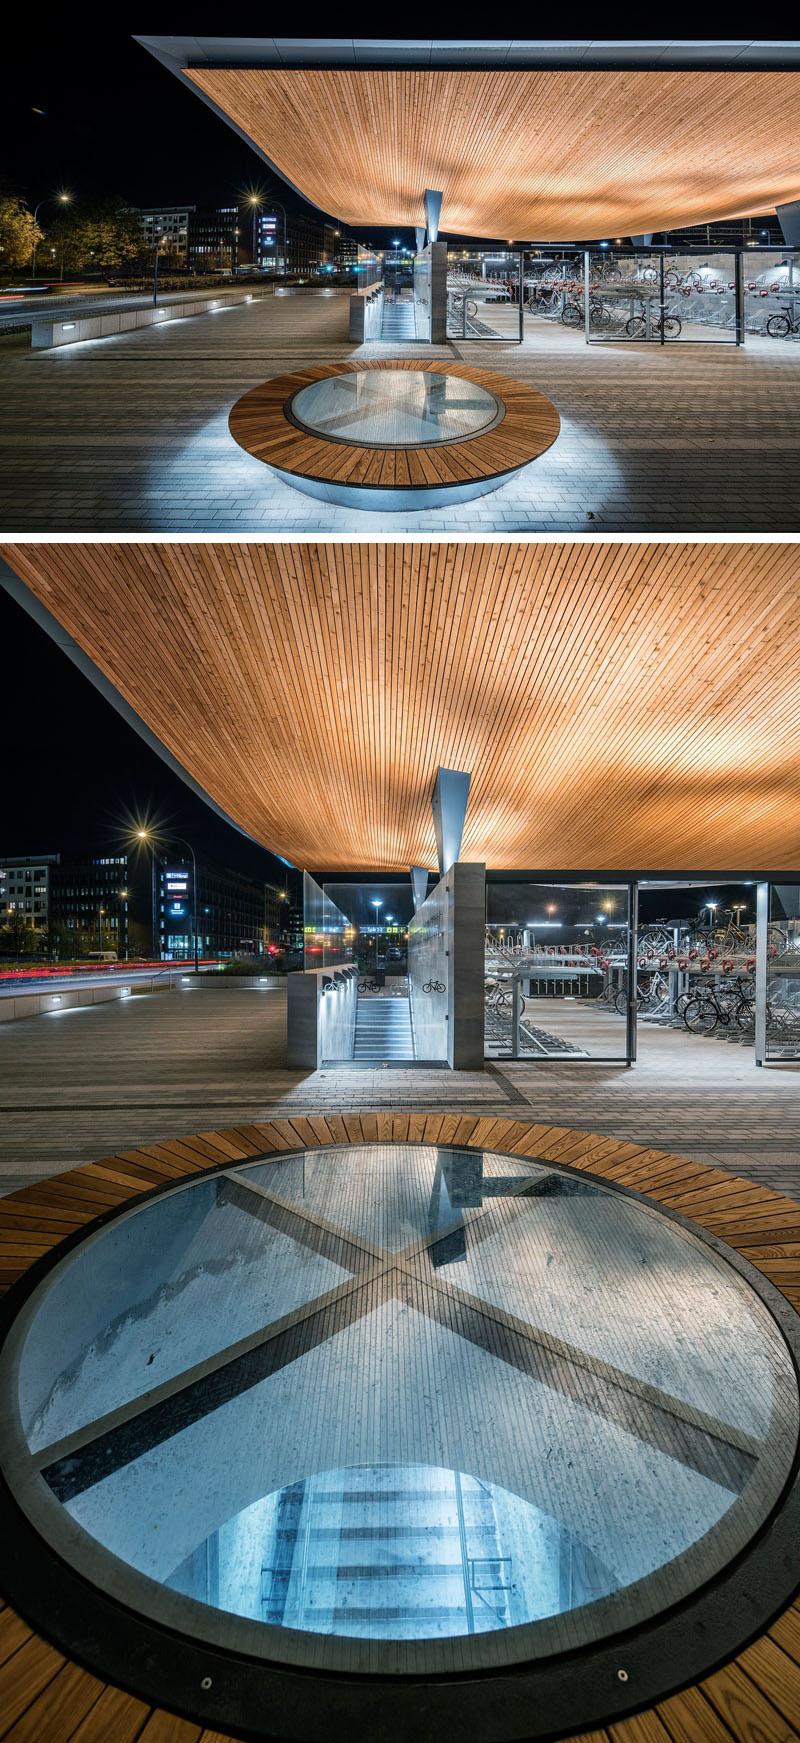 Уникальный проект железнодорожного вокзала Хельсингборга, Швеция: прозрачные люки